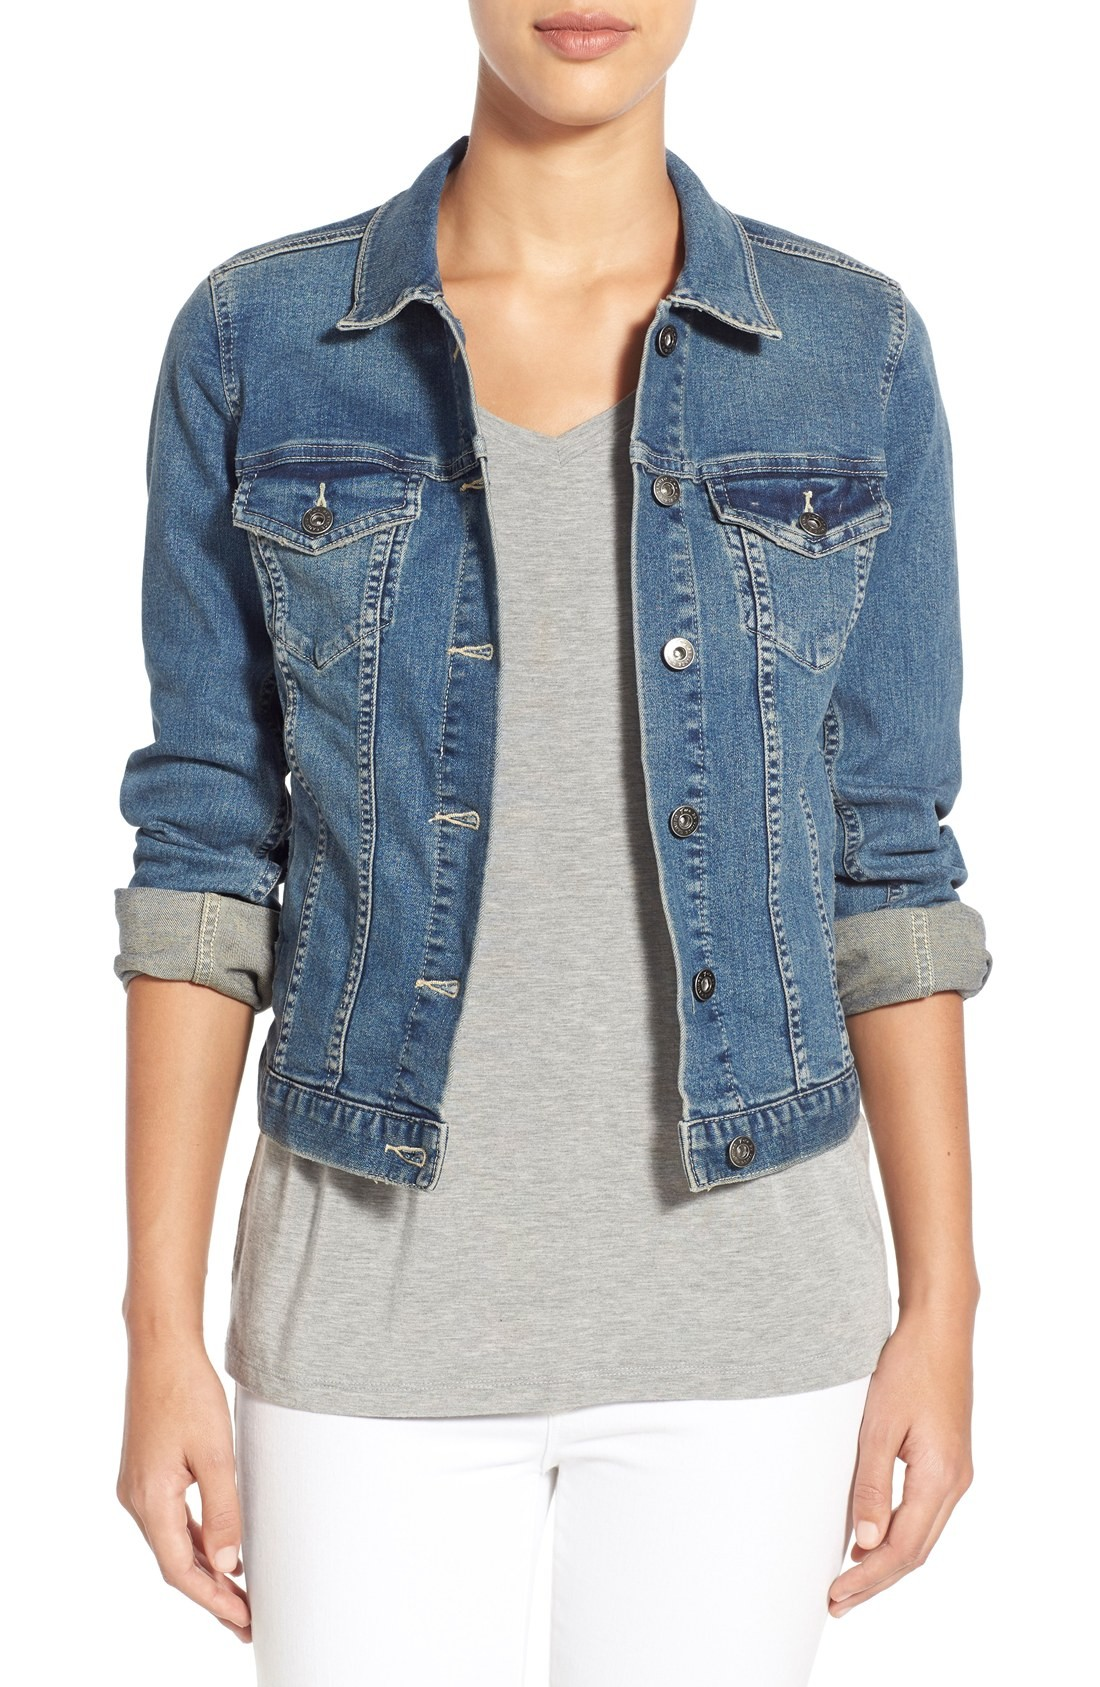 denim jackets for women denim coats u0026 jackets for women | nordstrom UXWXECG